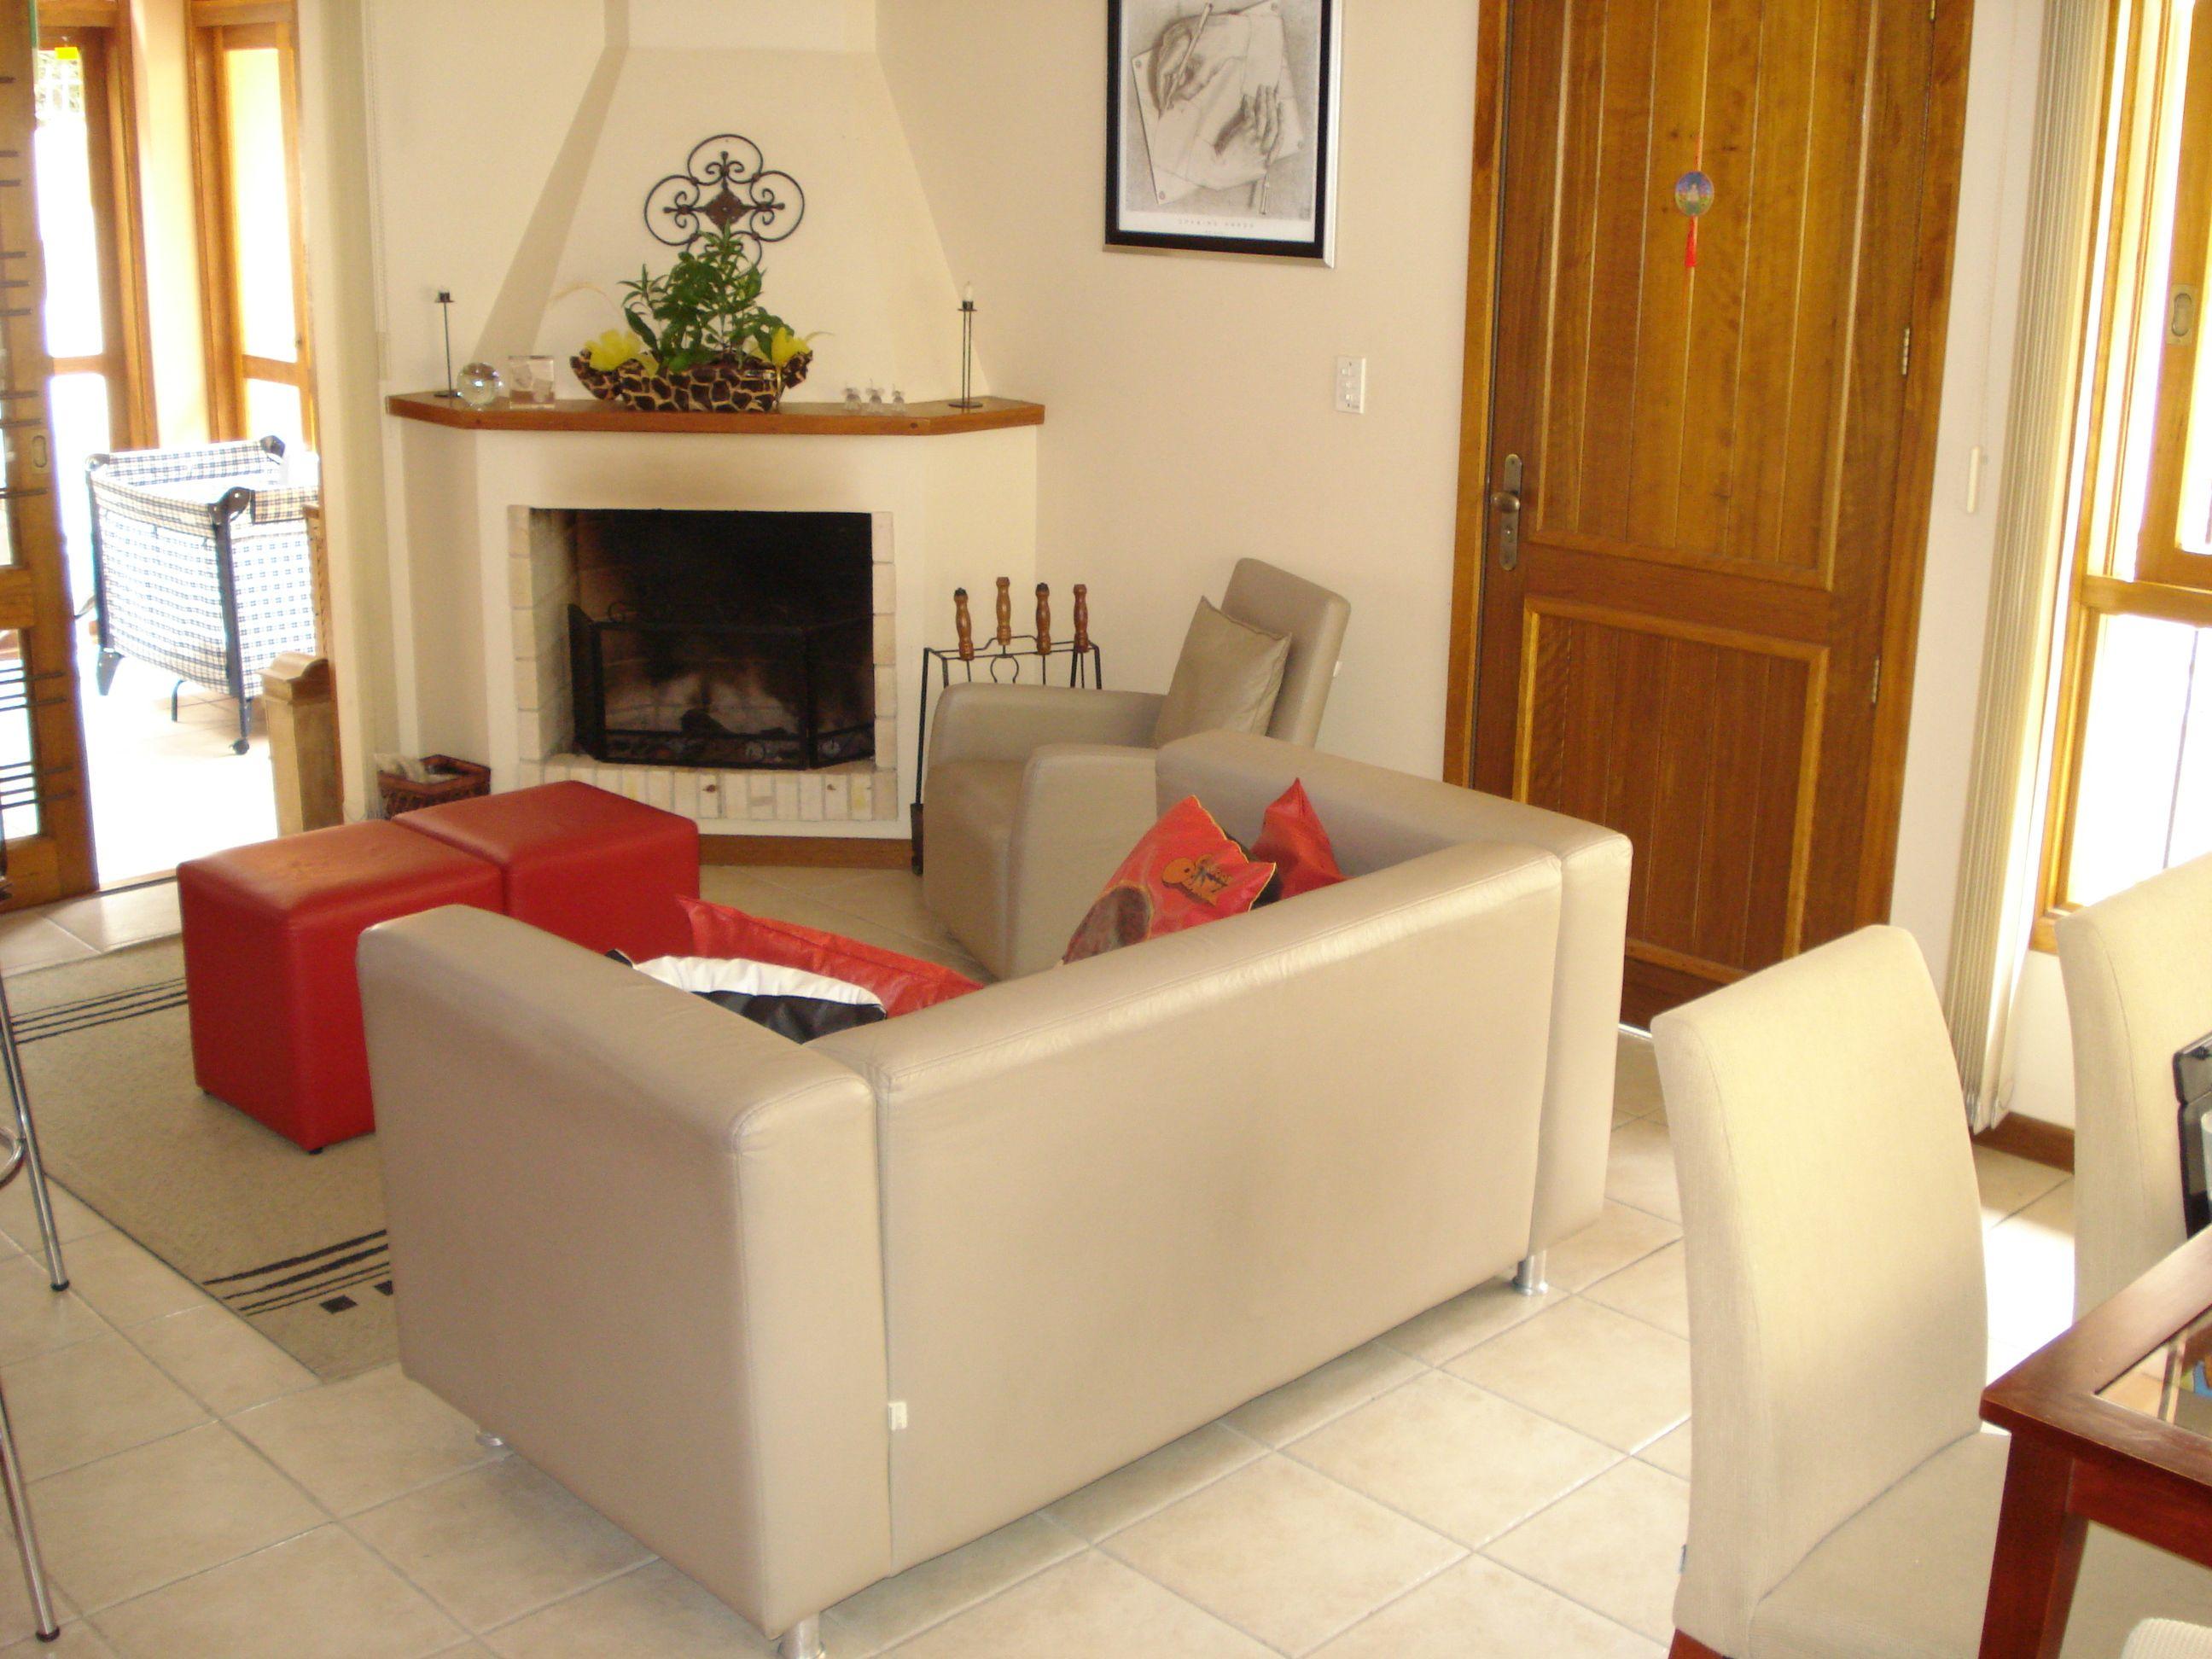 #B78414 decoração de sala de visitas com lareira de canto Pesquisa    2592x1944 píxeis em Decoração De Sala Pequena Com Lareira De Canto